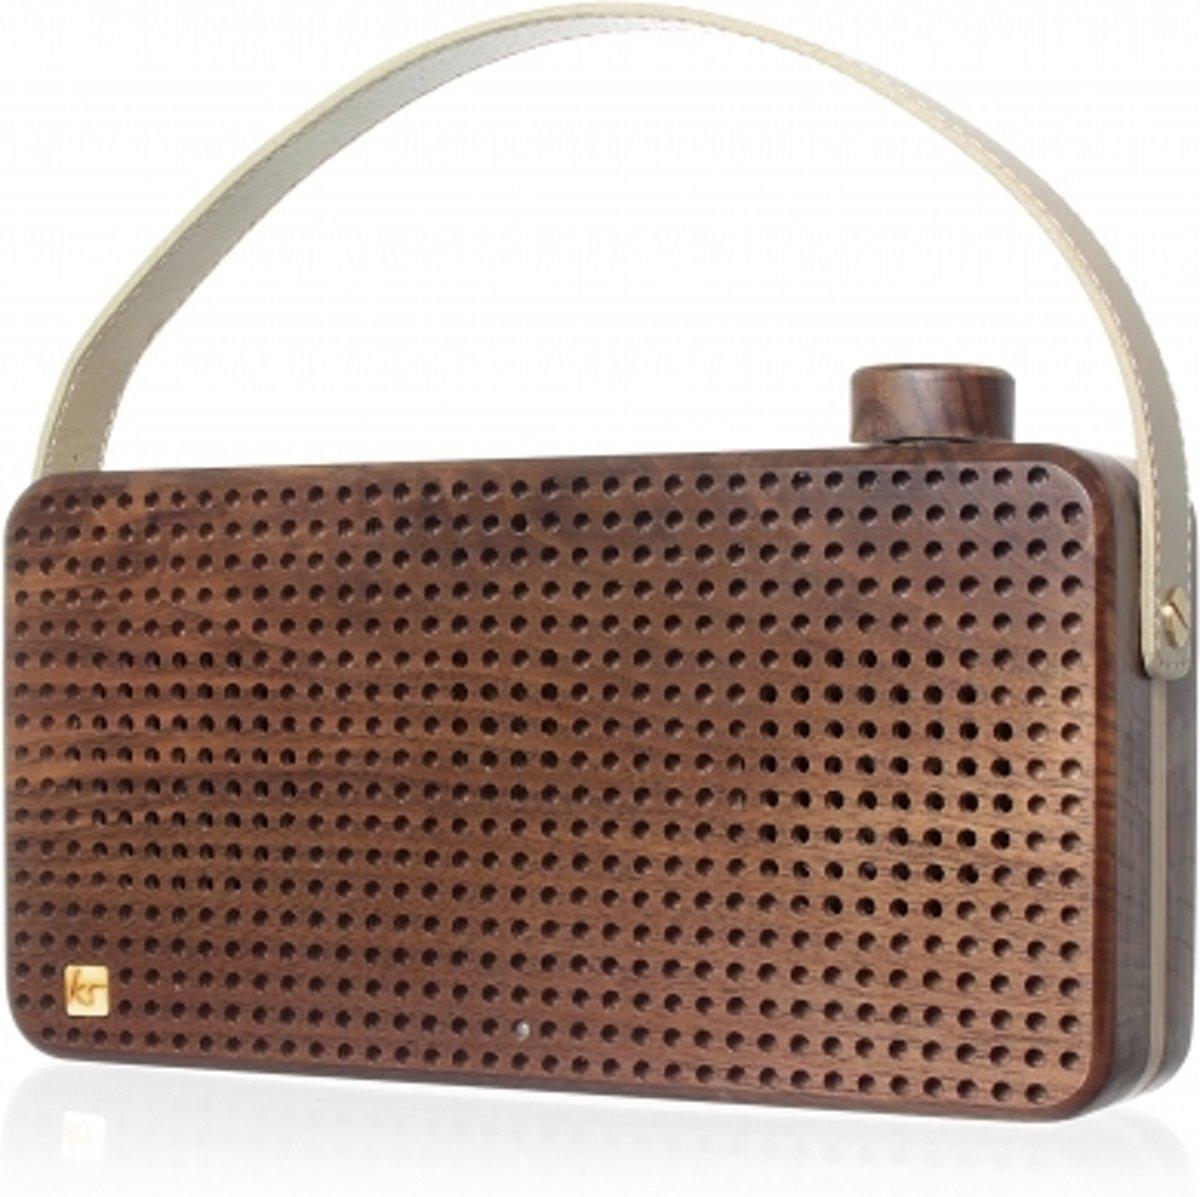 Kitsound bluetooth speaker Soul walnoothout - ingebouwde microfoon kopen